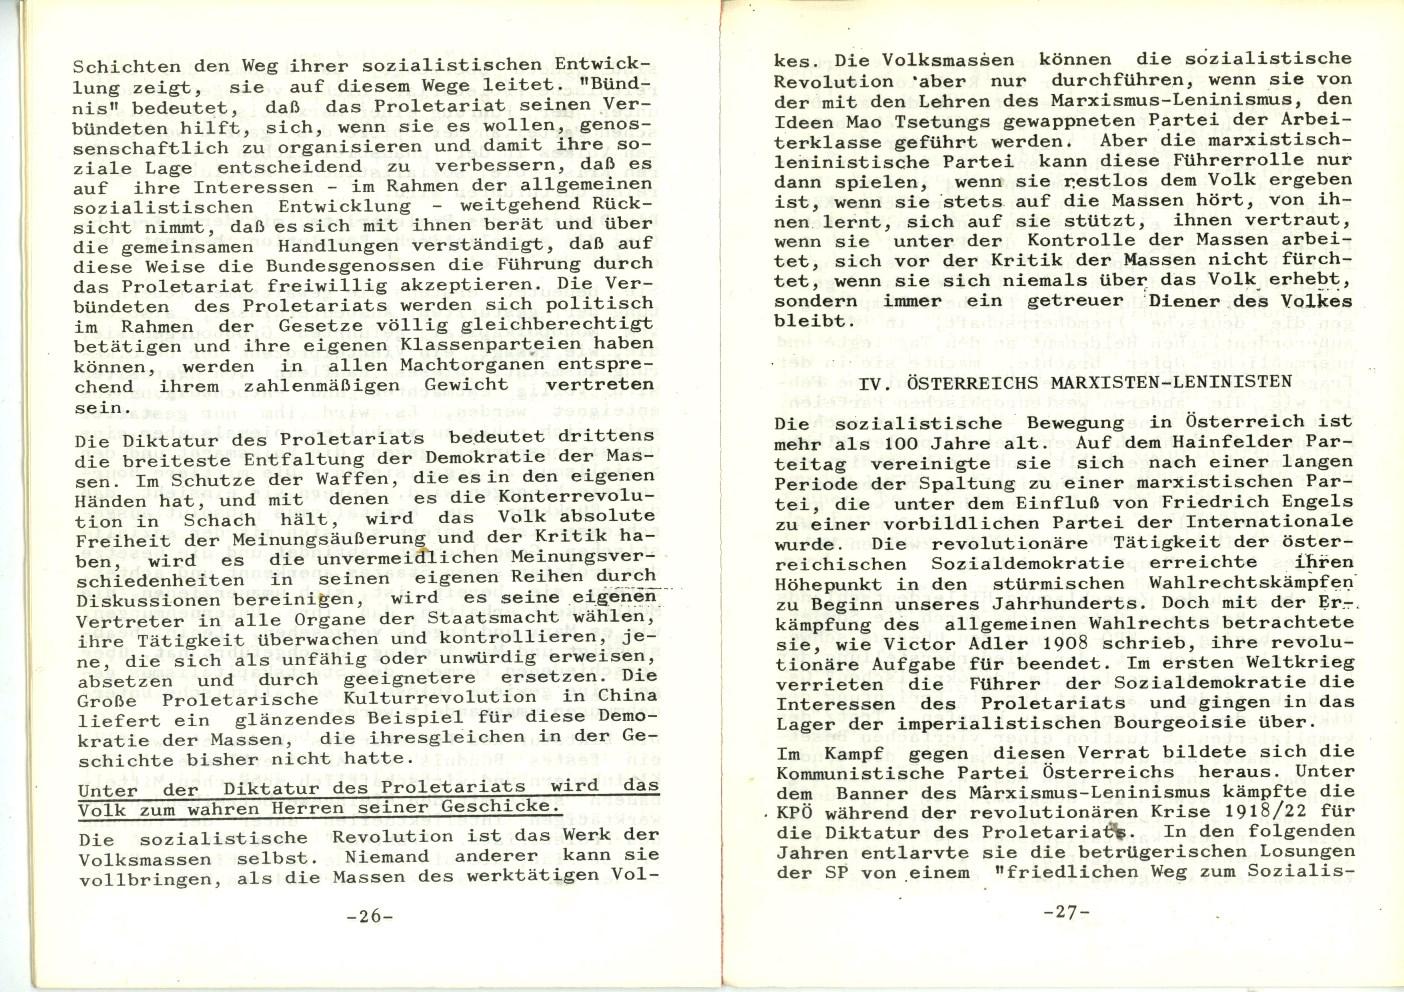 VRA_Grundsatzerklaerung_1971_15